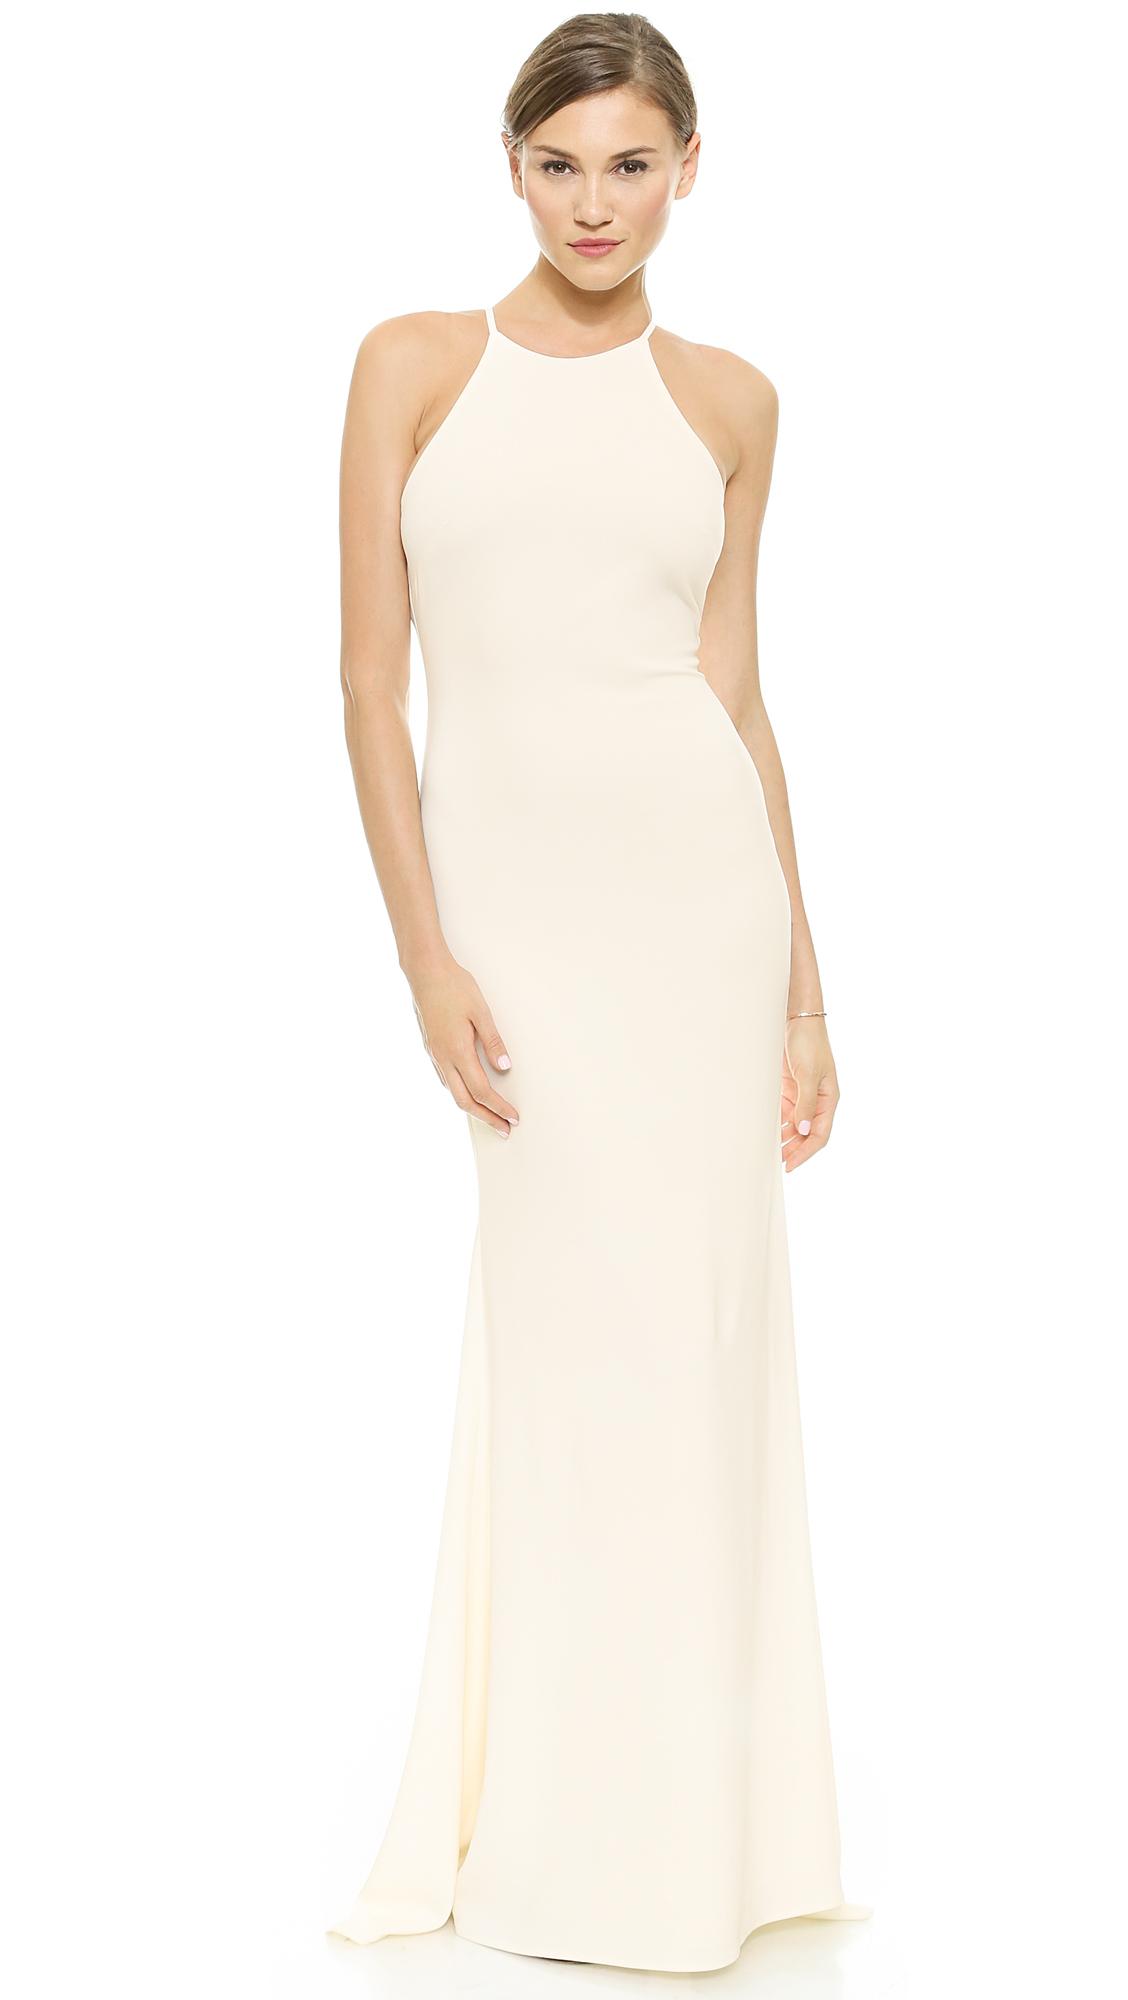 Lyst Badgley Mischka Halter Odessa Gown Ivory In White